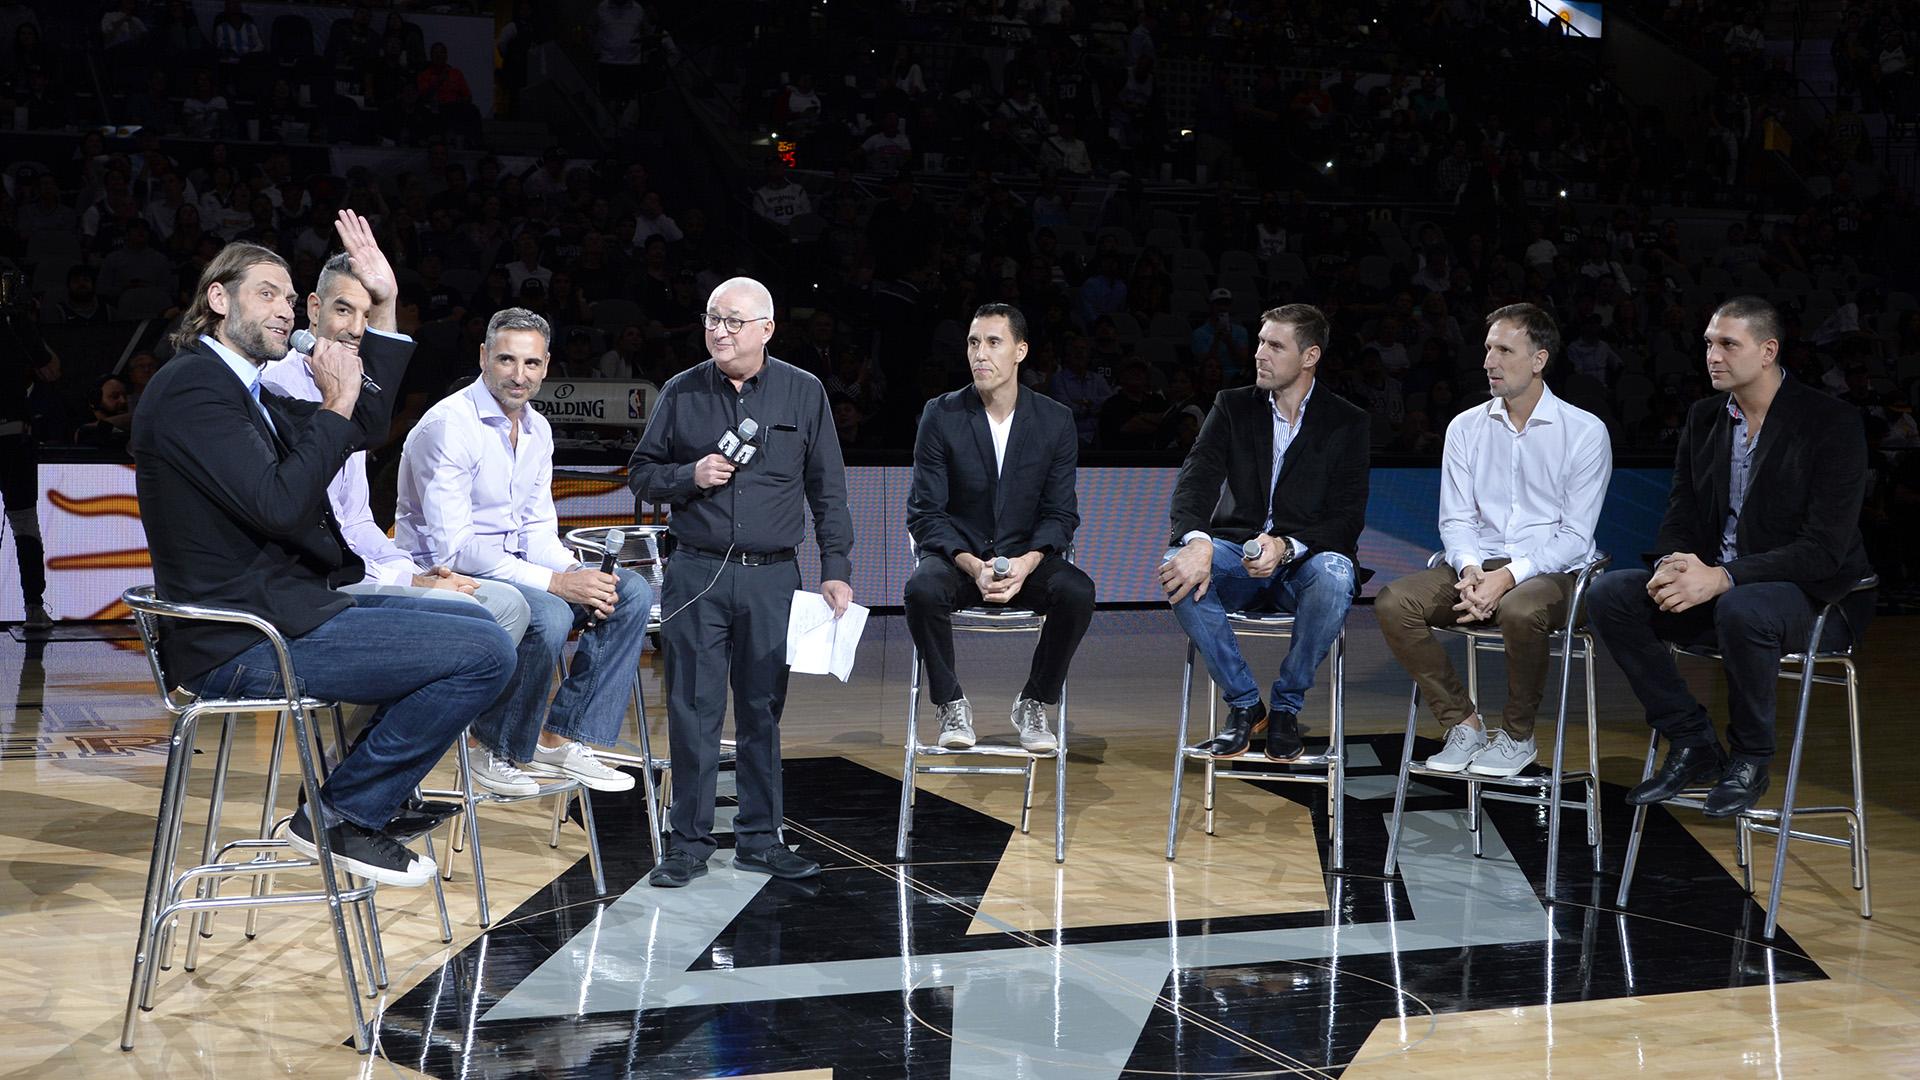 Siete miembros de la Generación Dorada de Argentina celebran una mesa redonda en la cancha central en honor a Manu Ginobili en el AT&T Center en San Antonio